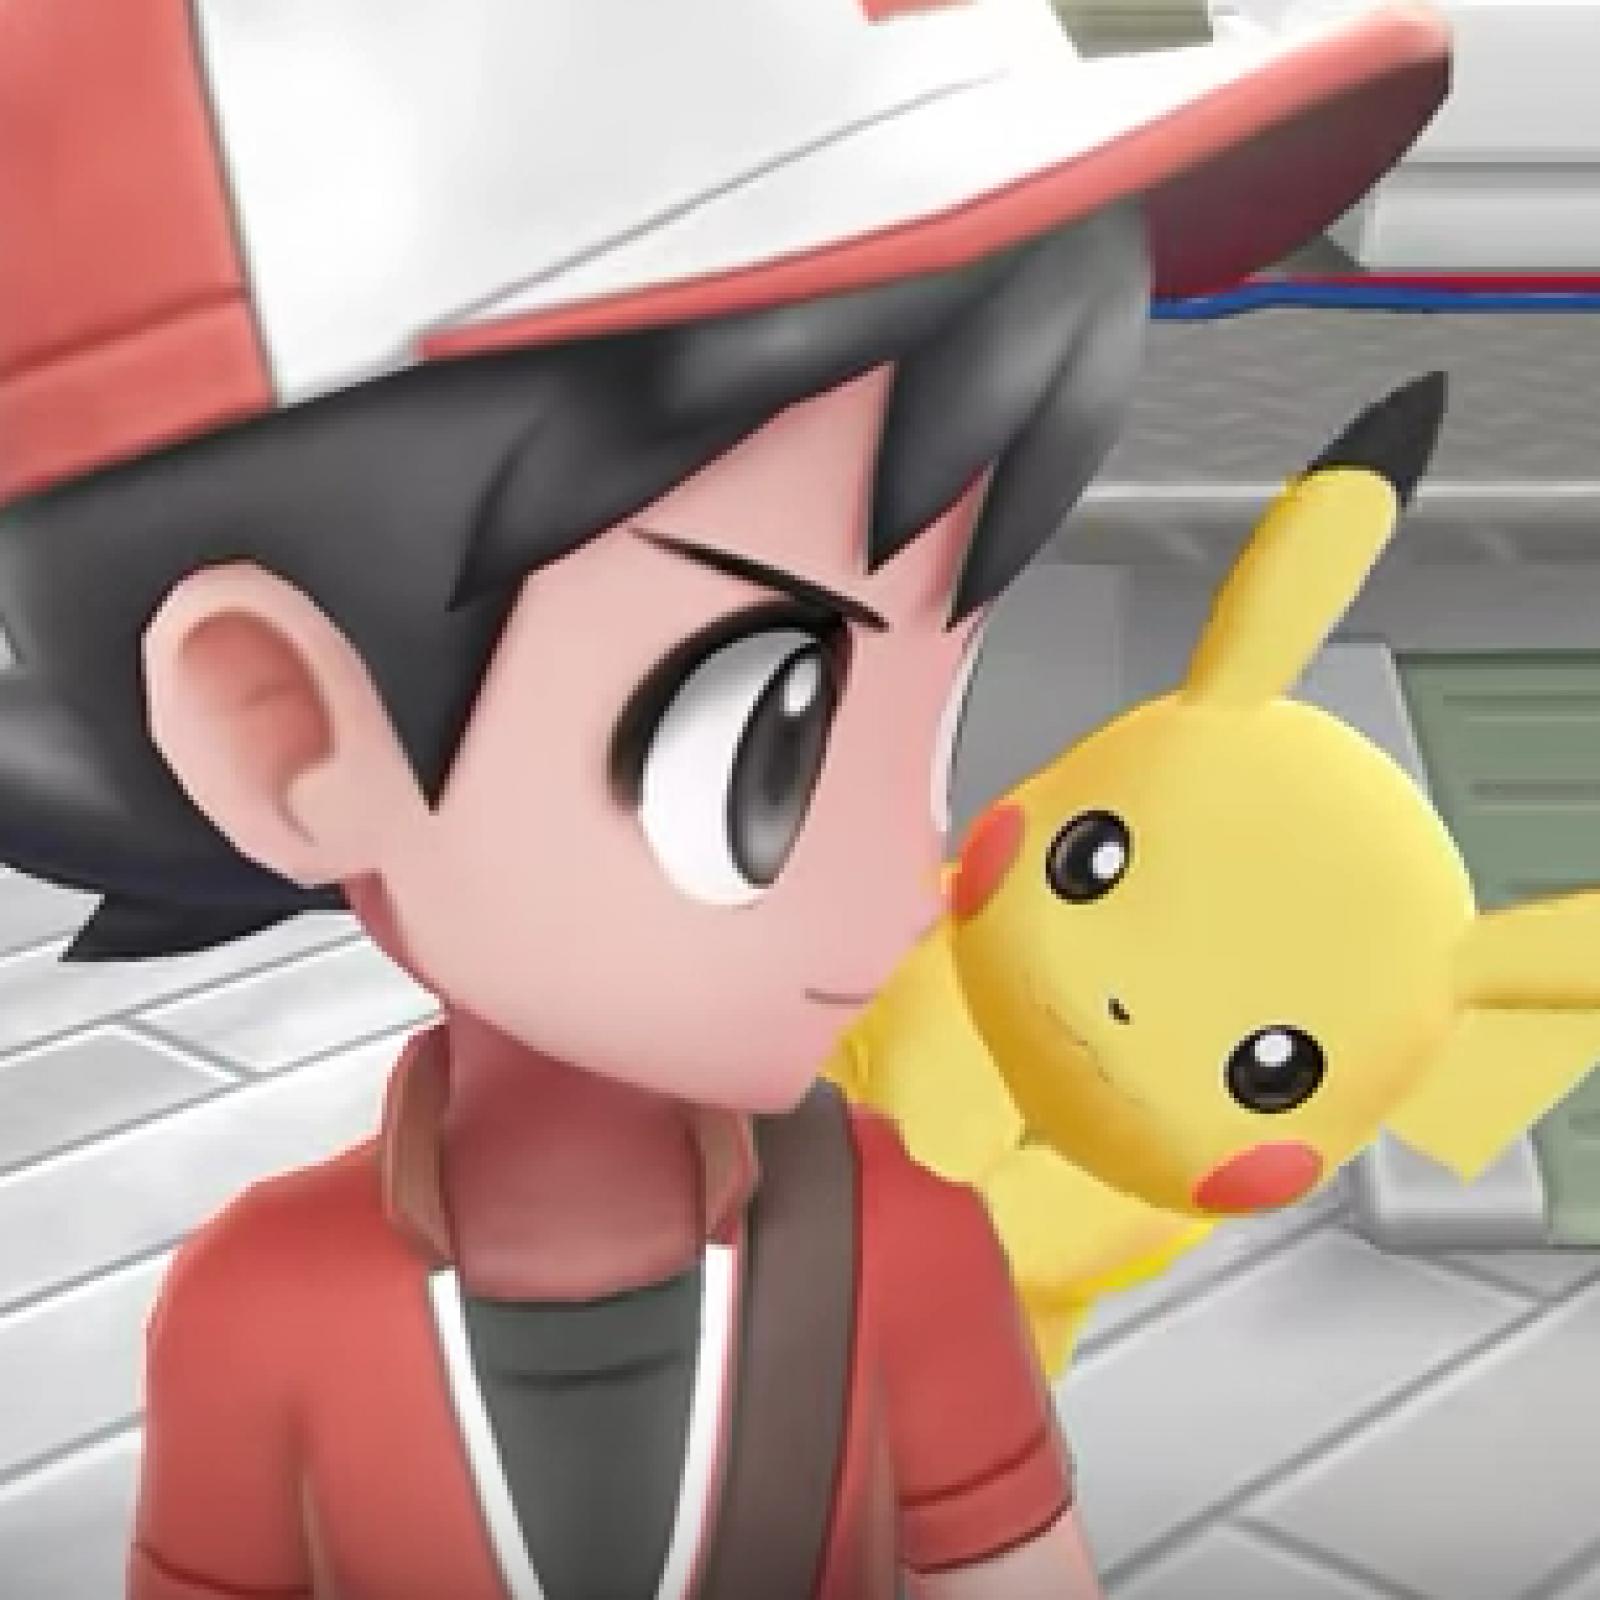 Pokémon Let's Go Pikachu and Eevee' Mega Evolution Confirmed